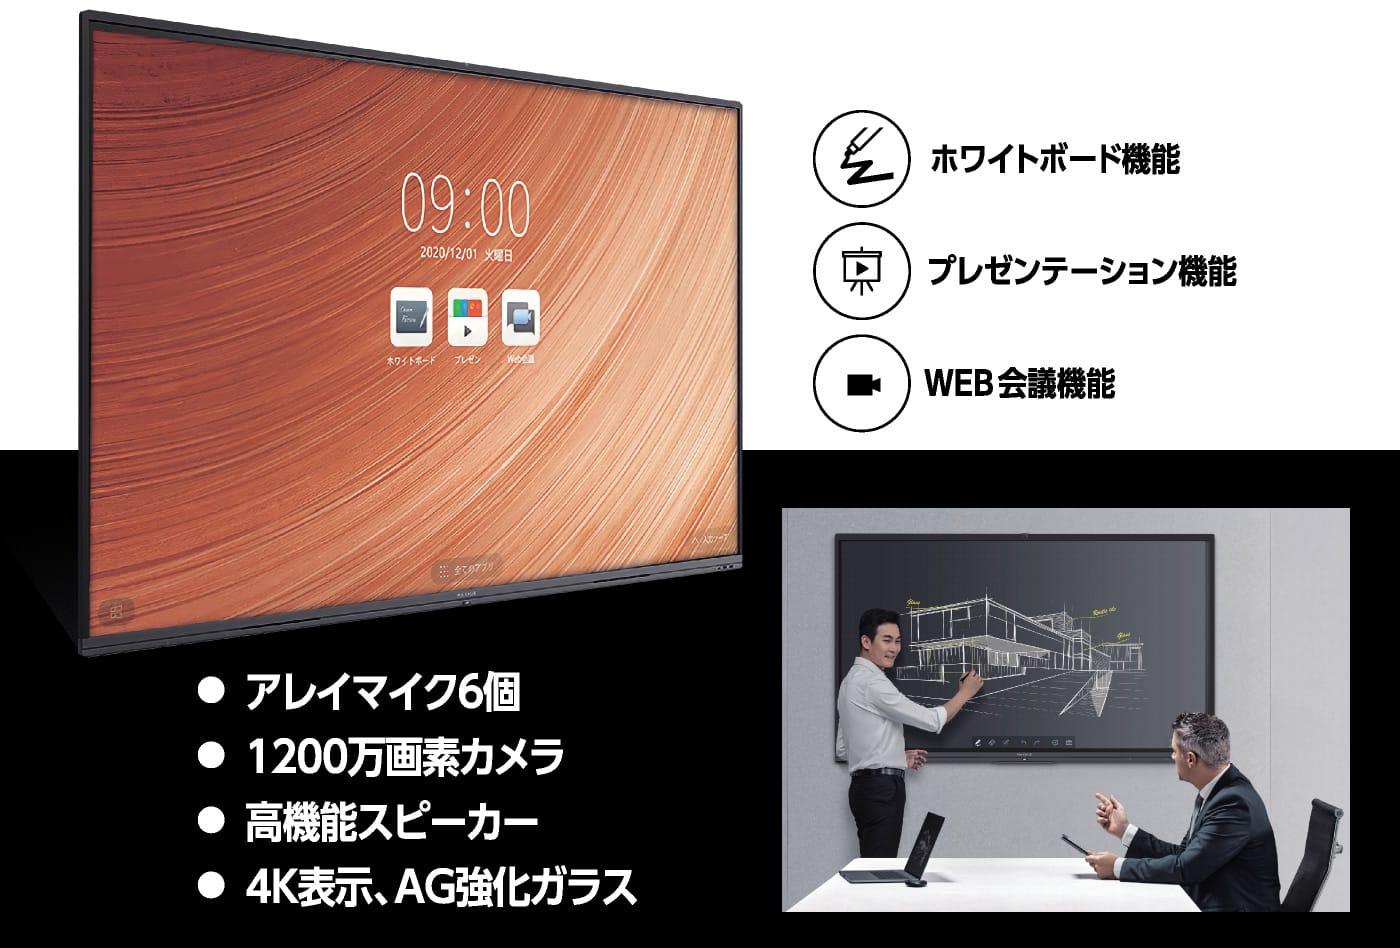 ホワイトボード機能・ホワイトボード機能・WEB会議機能 アレイマイク6個/1200万画素カメラ/高機能スピーカー/4K表示、AG強化ガラス